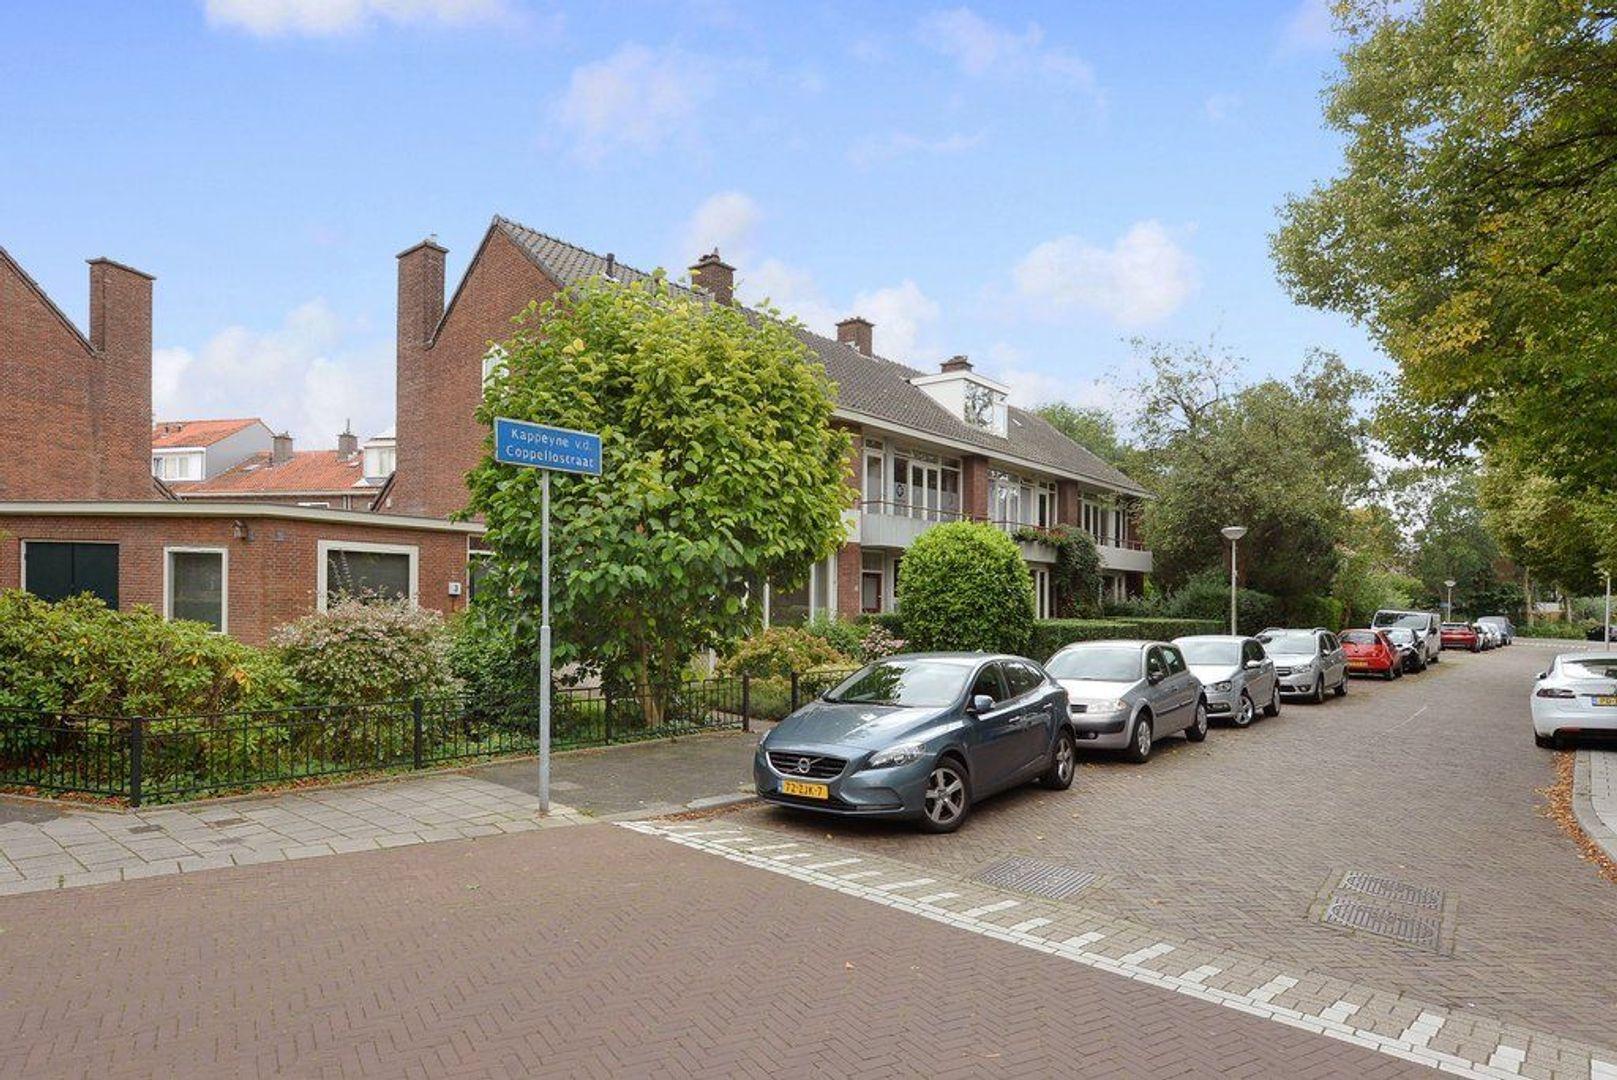 Kappeyne van de Coppellostraat 5, Delft foto-1